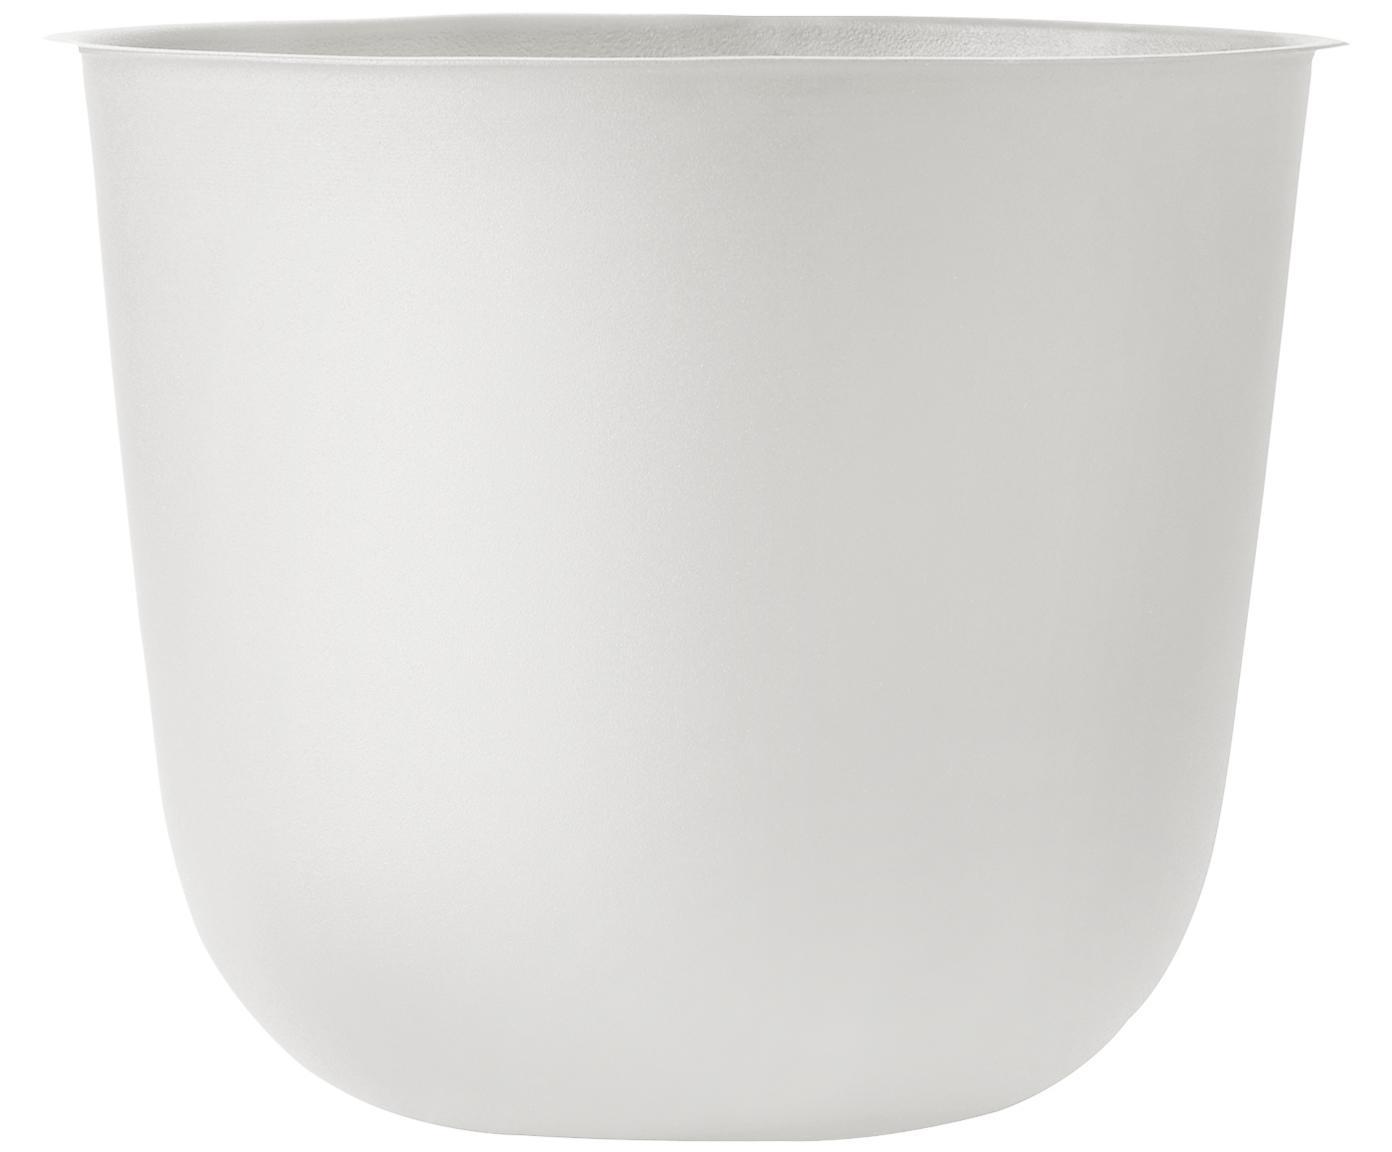 Portavaso Wire Pot, Acciaio, verniciato a polvere, Bianco, Ø 23 x Alt. 17 cm